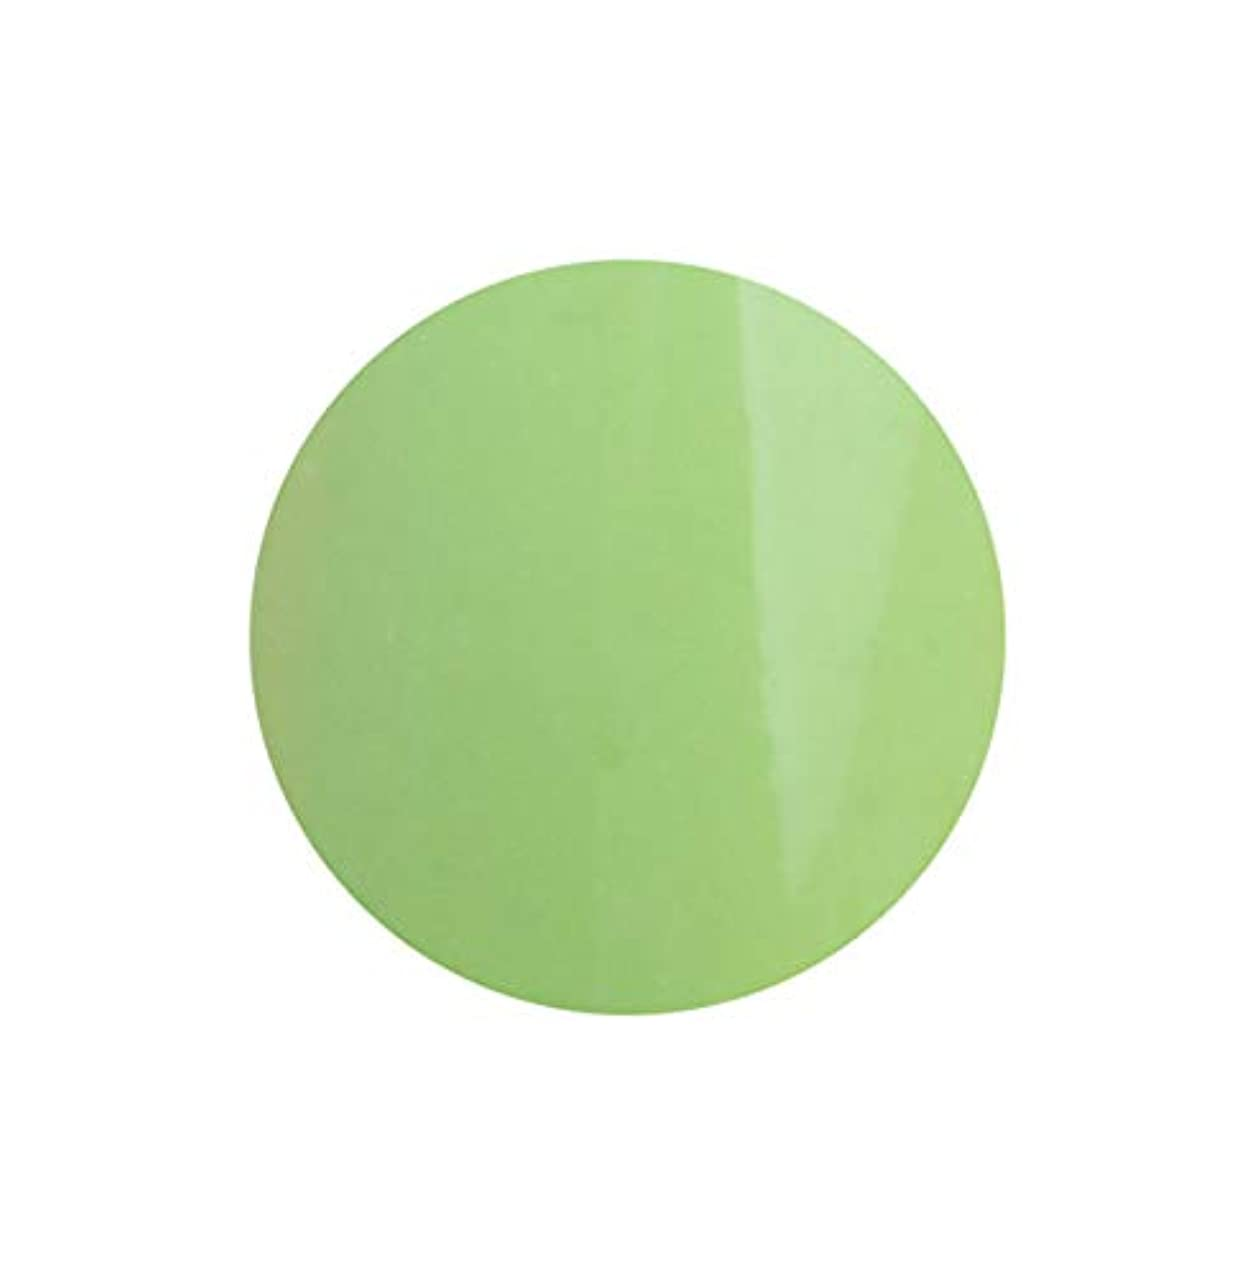 バーベキュー汚染する失望させるSHAREYDVA シャレドワ+ ネイルカラー No.39 パステルグリーン